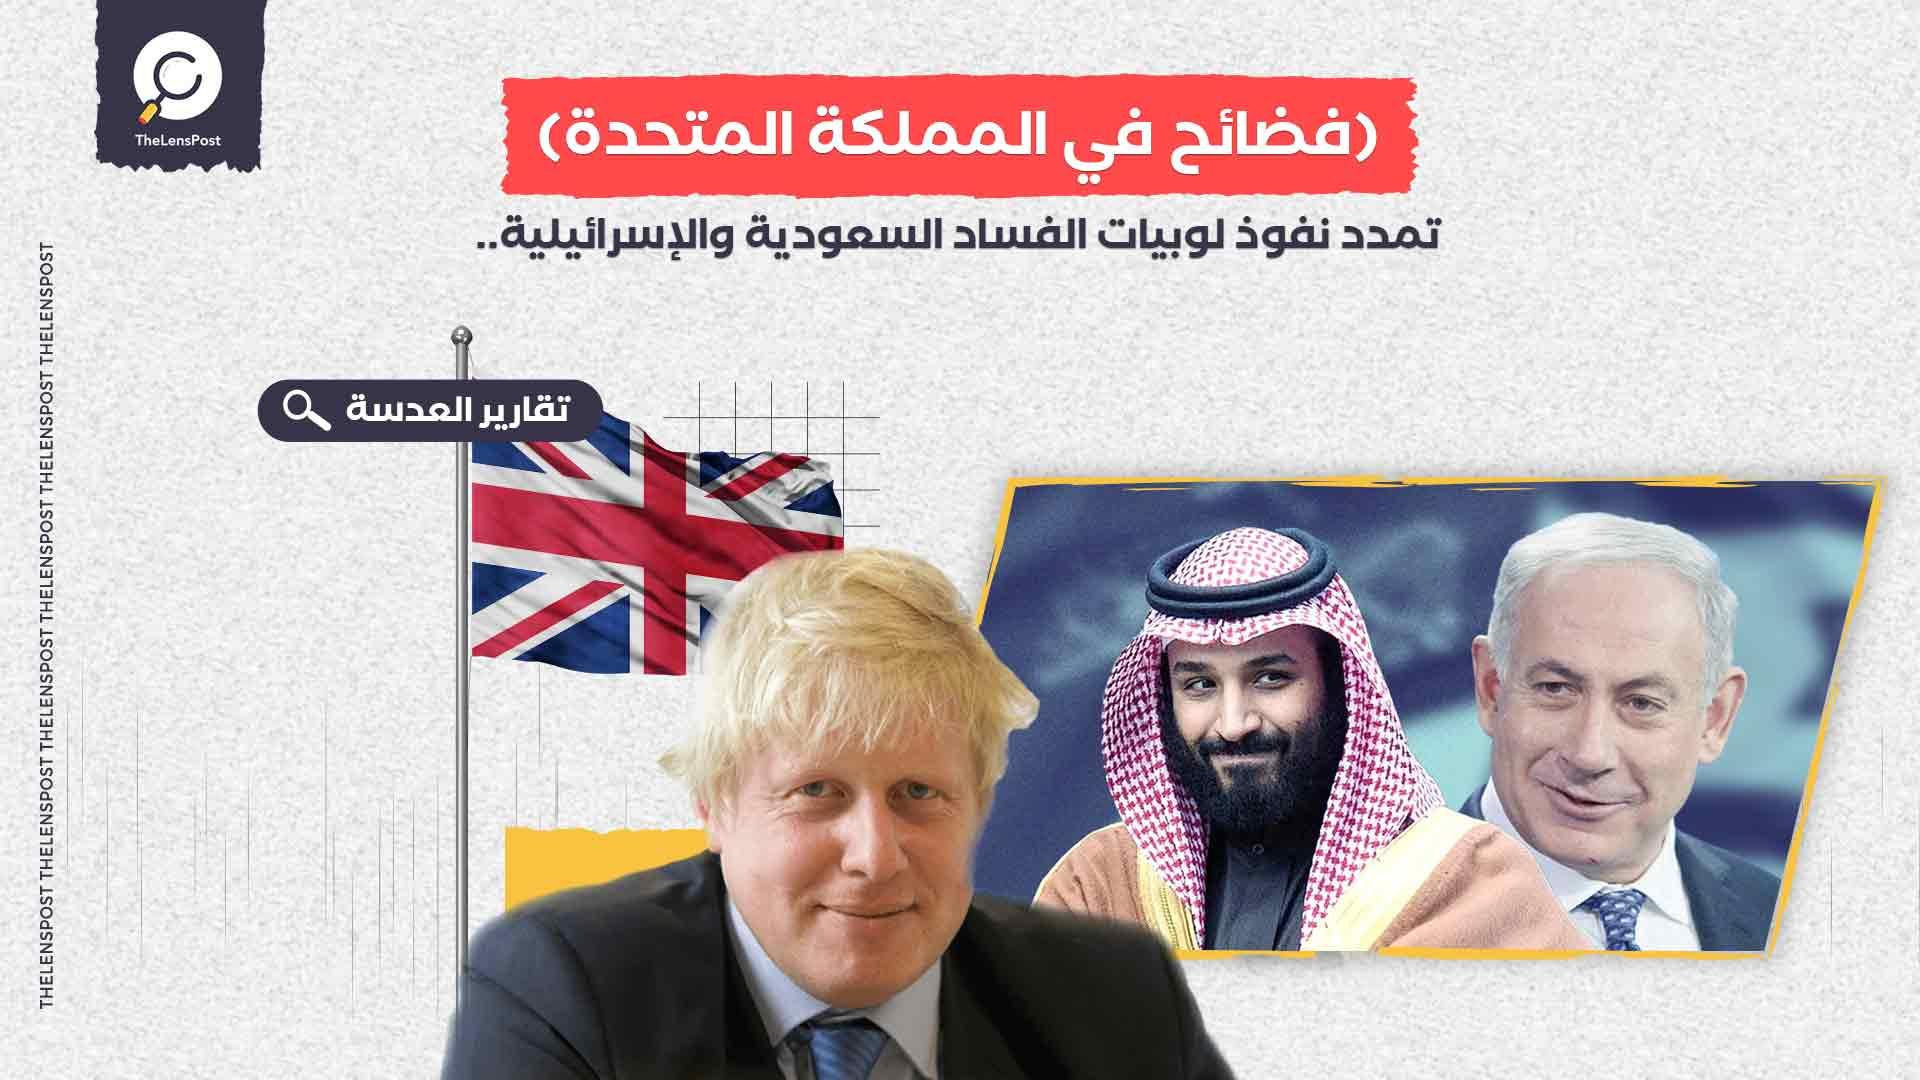 تمدد نفوذ لوبيات الفساد السعودية والإسرائيلية